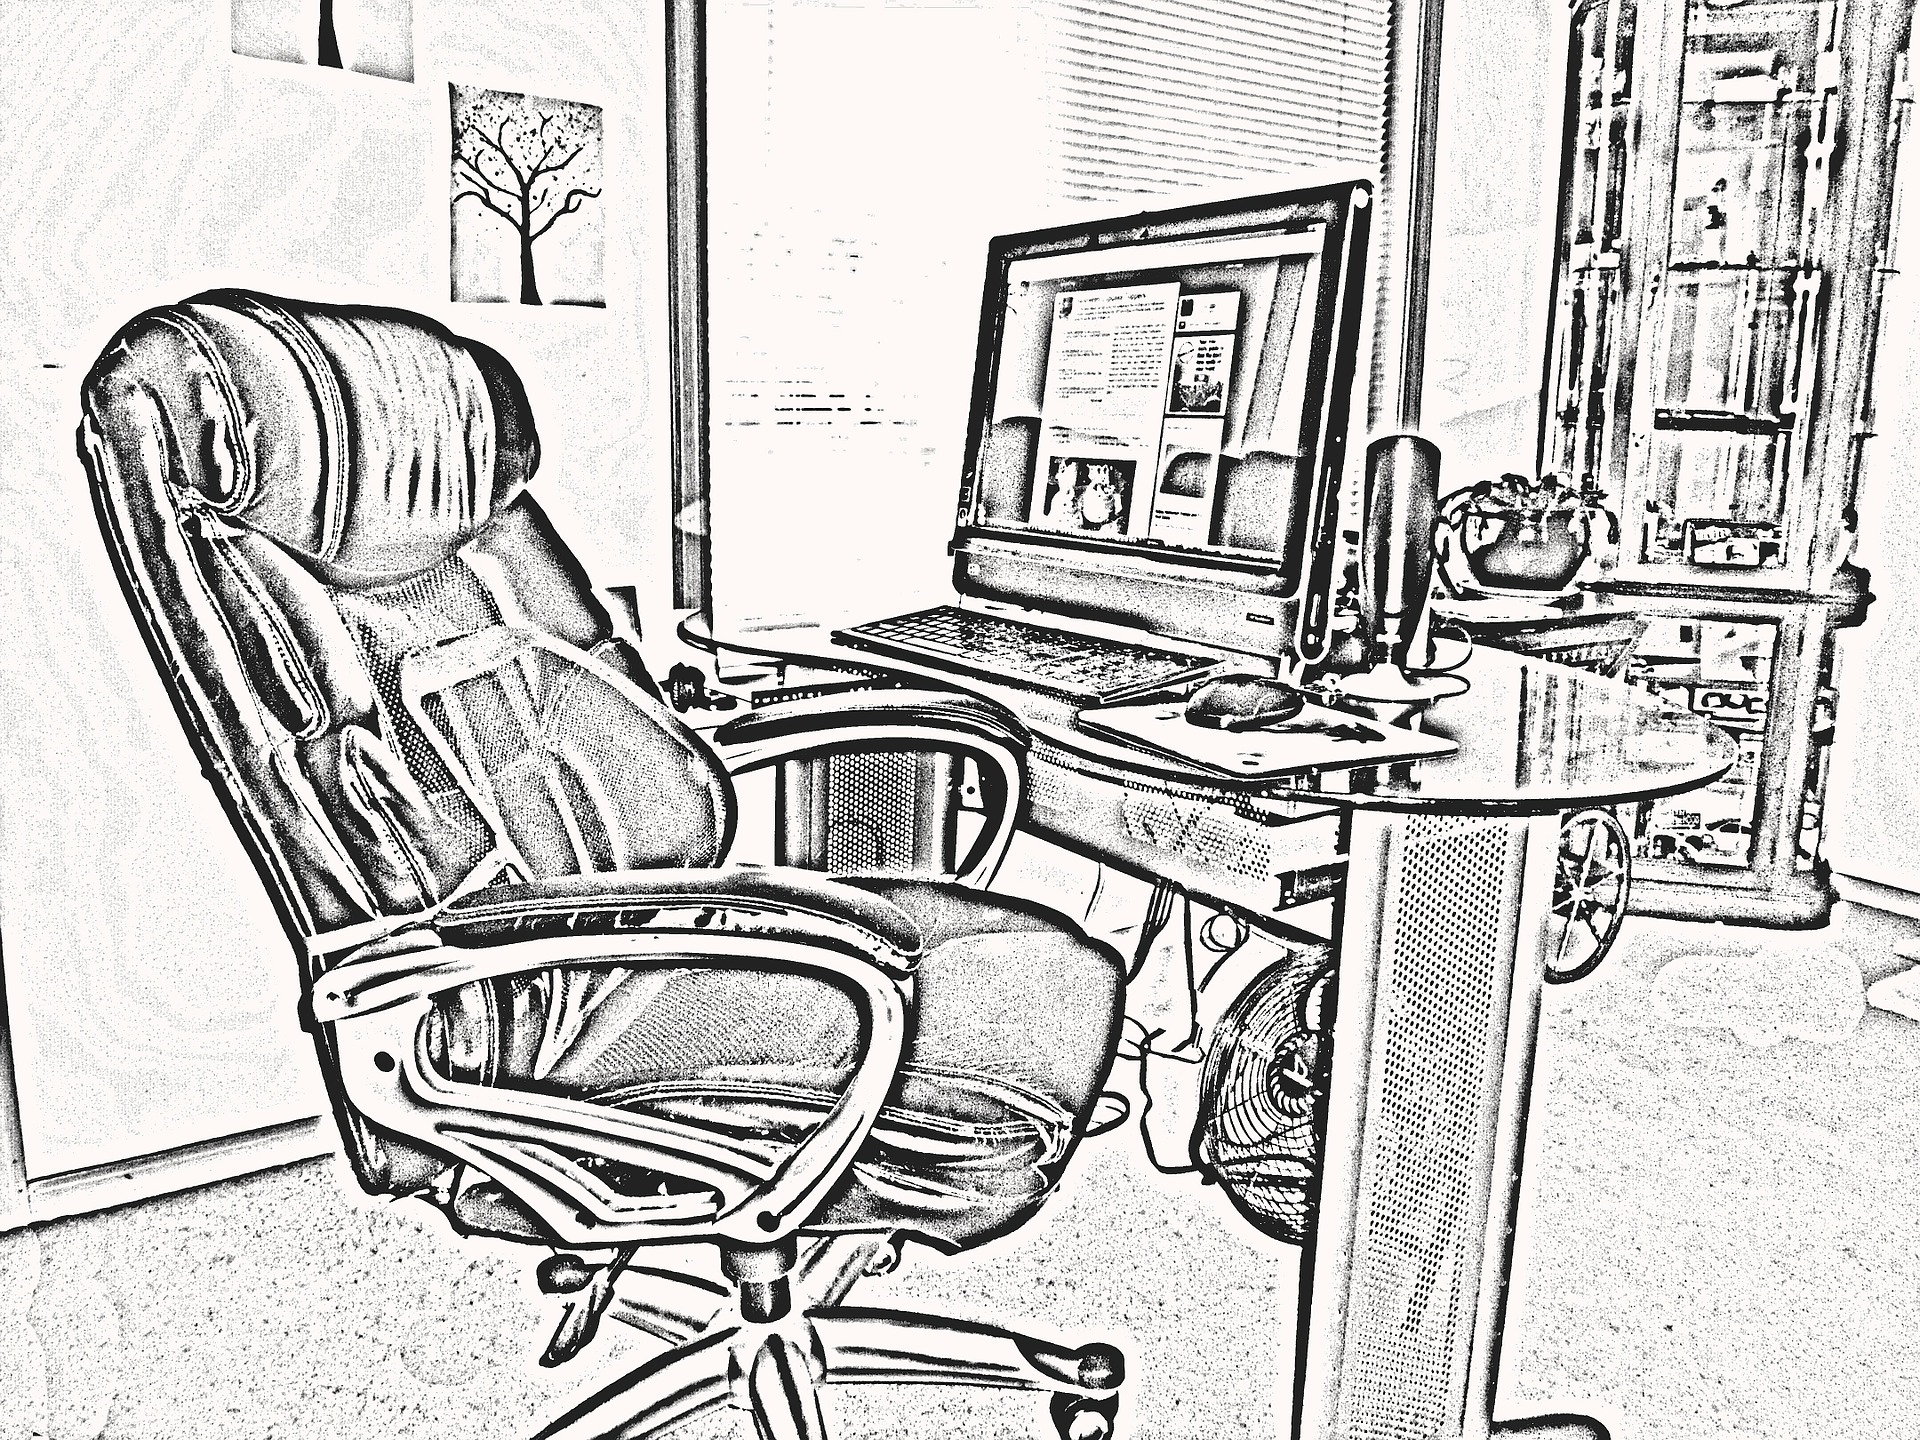 Voordelen van een goede bureaustoel